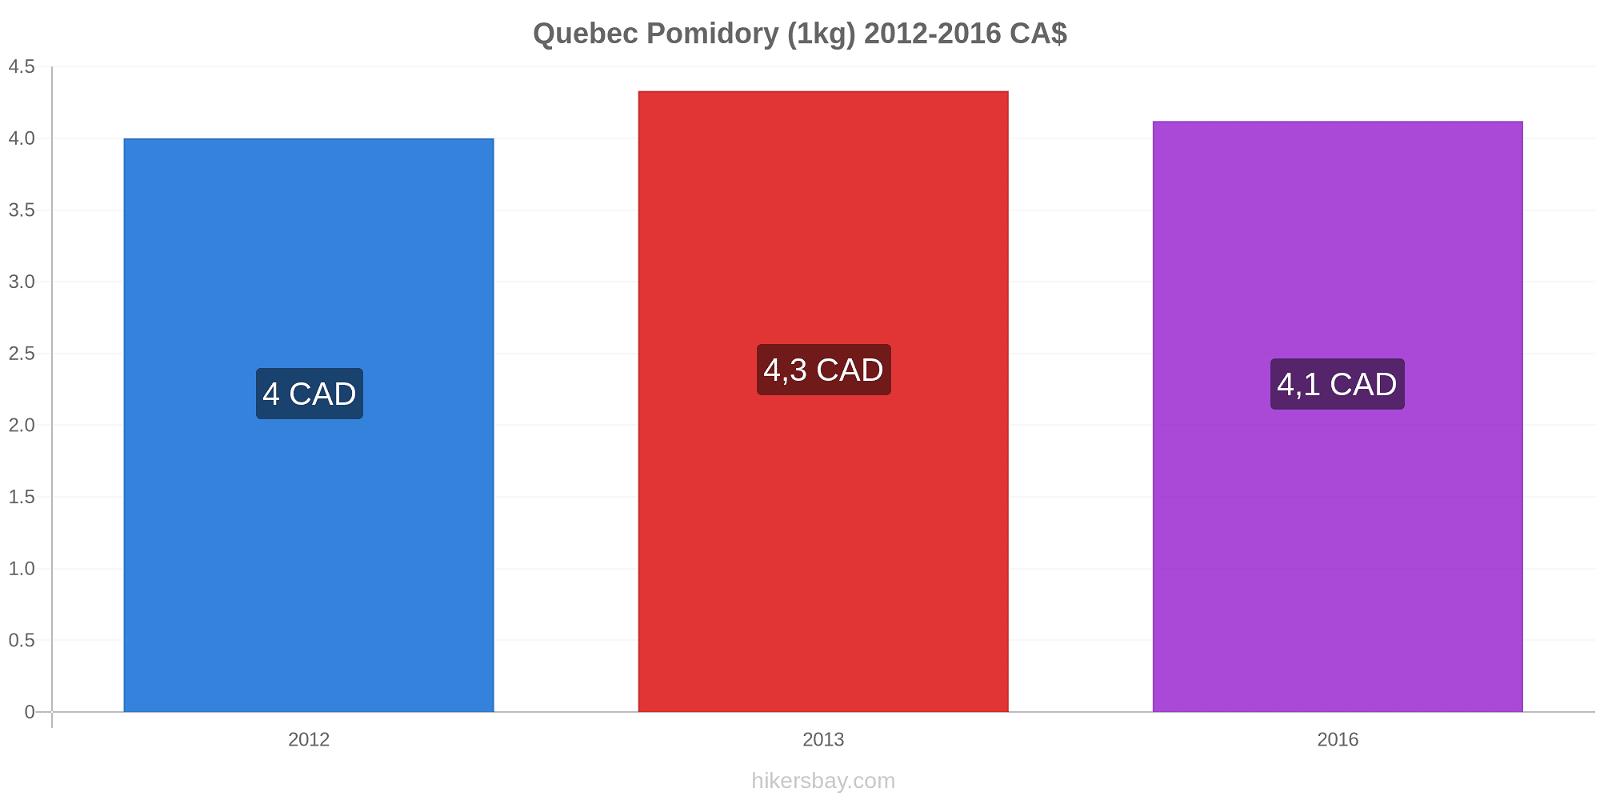 Quebec zmiany cen Pomidory (1kg) hikersbay.com